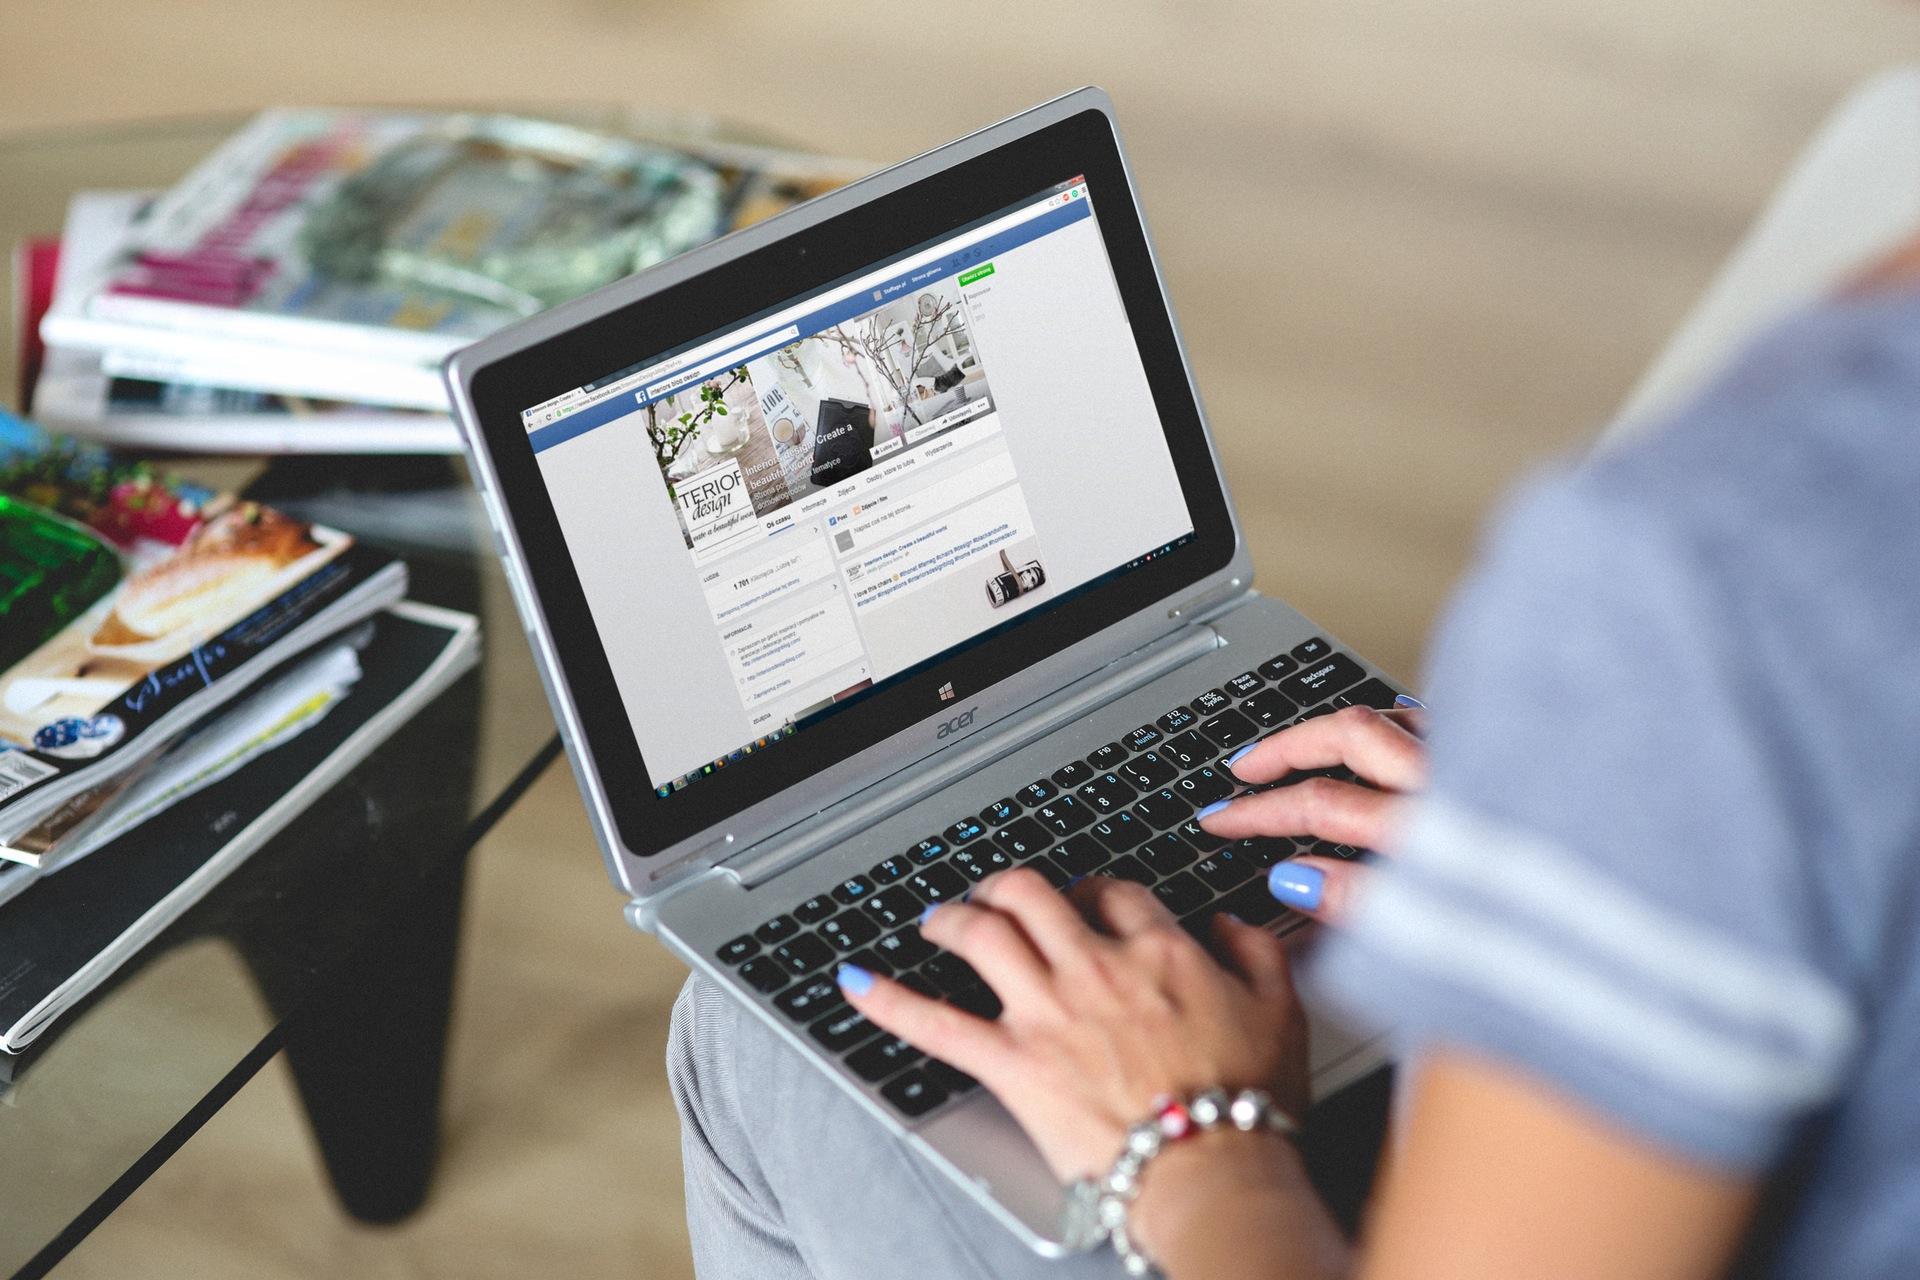 3 สิ่ง ที่คุณมักทำพลาดในการโฆษณาบนเฟซบุ๊ก